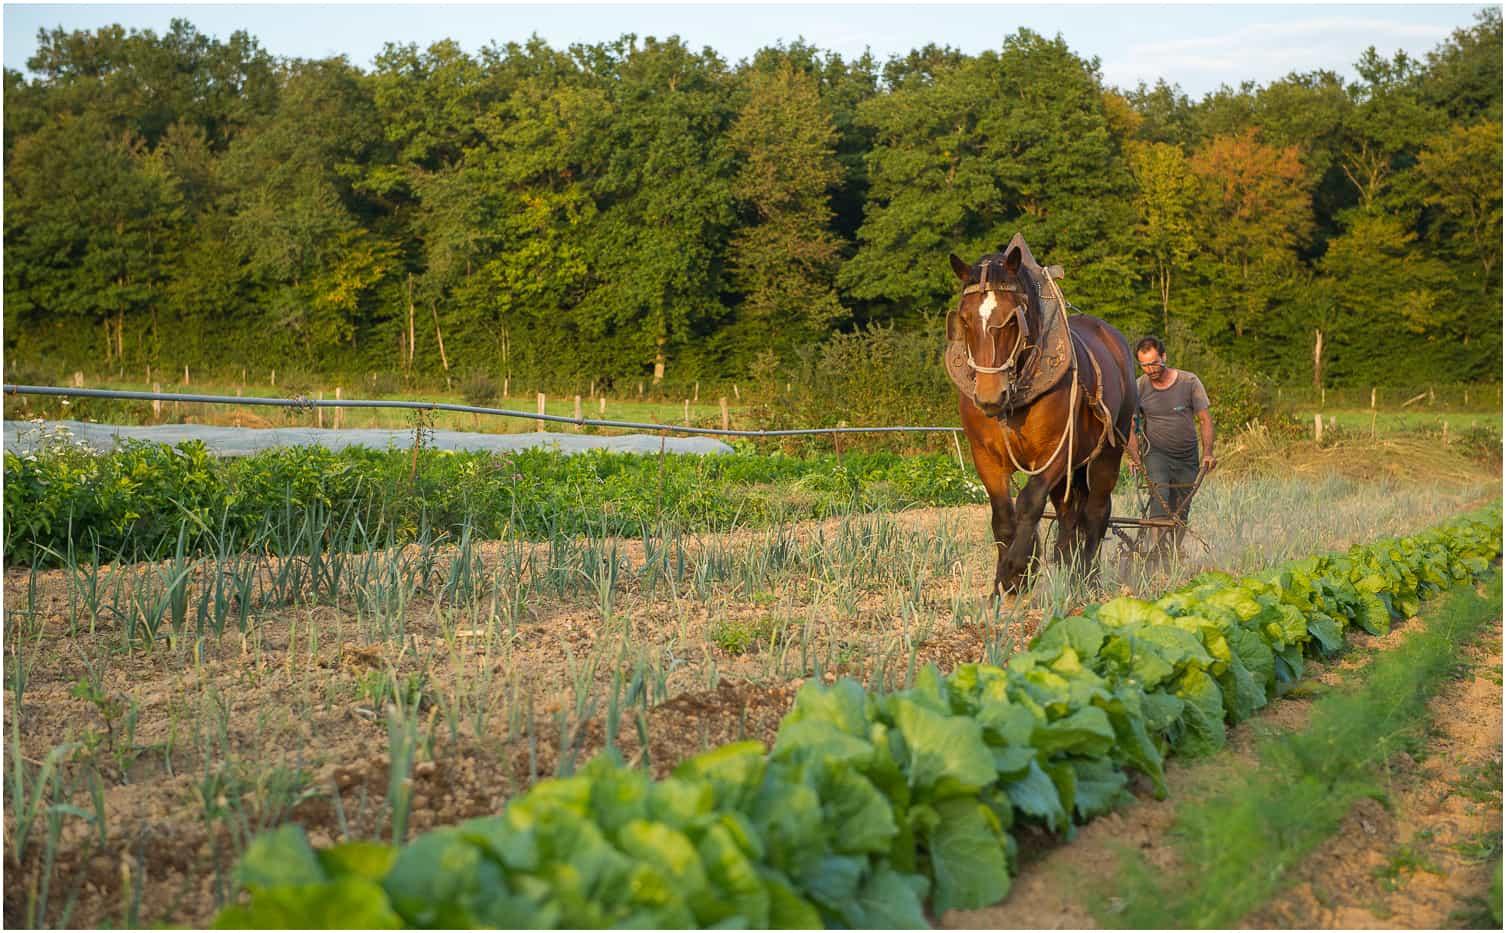 le jardin du coin pouilloux panier de l gumes bios de saison cultiv s avec des chevaux de trait. Black Bedroom Furniture Sets. Home Design Ideas